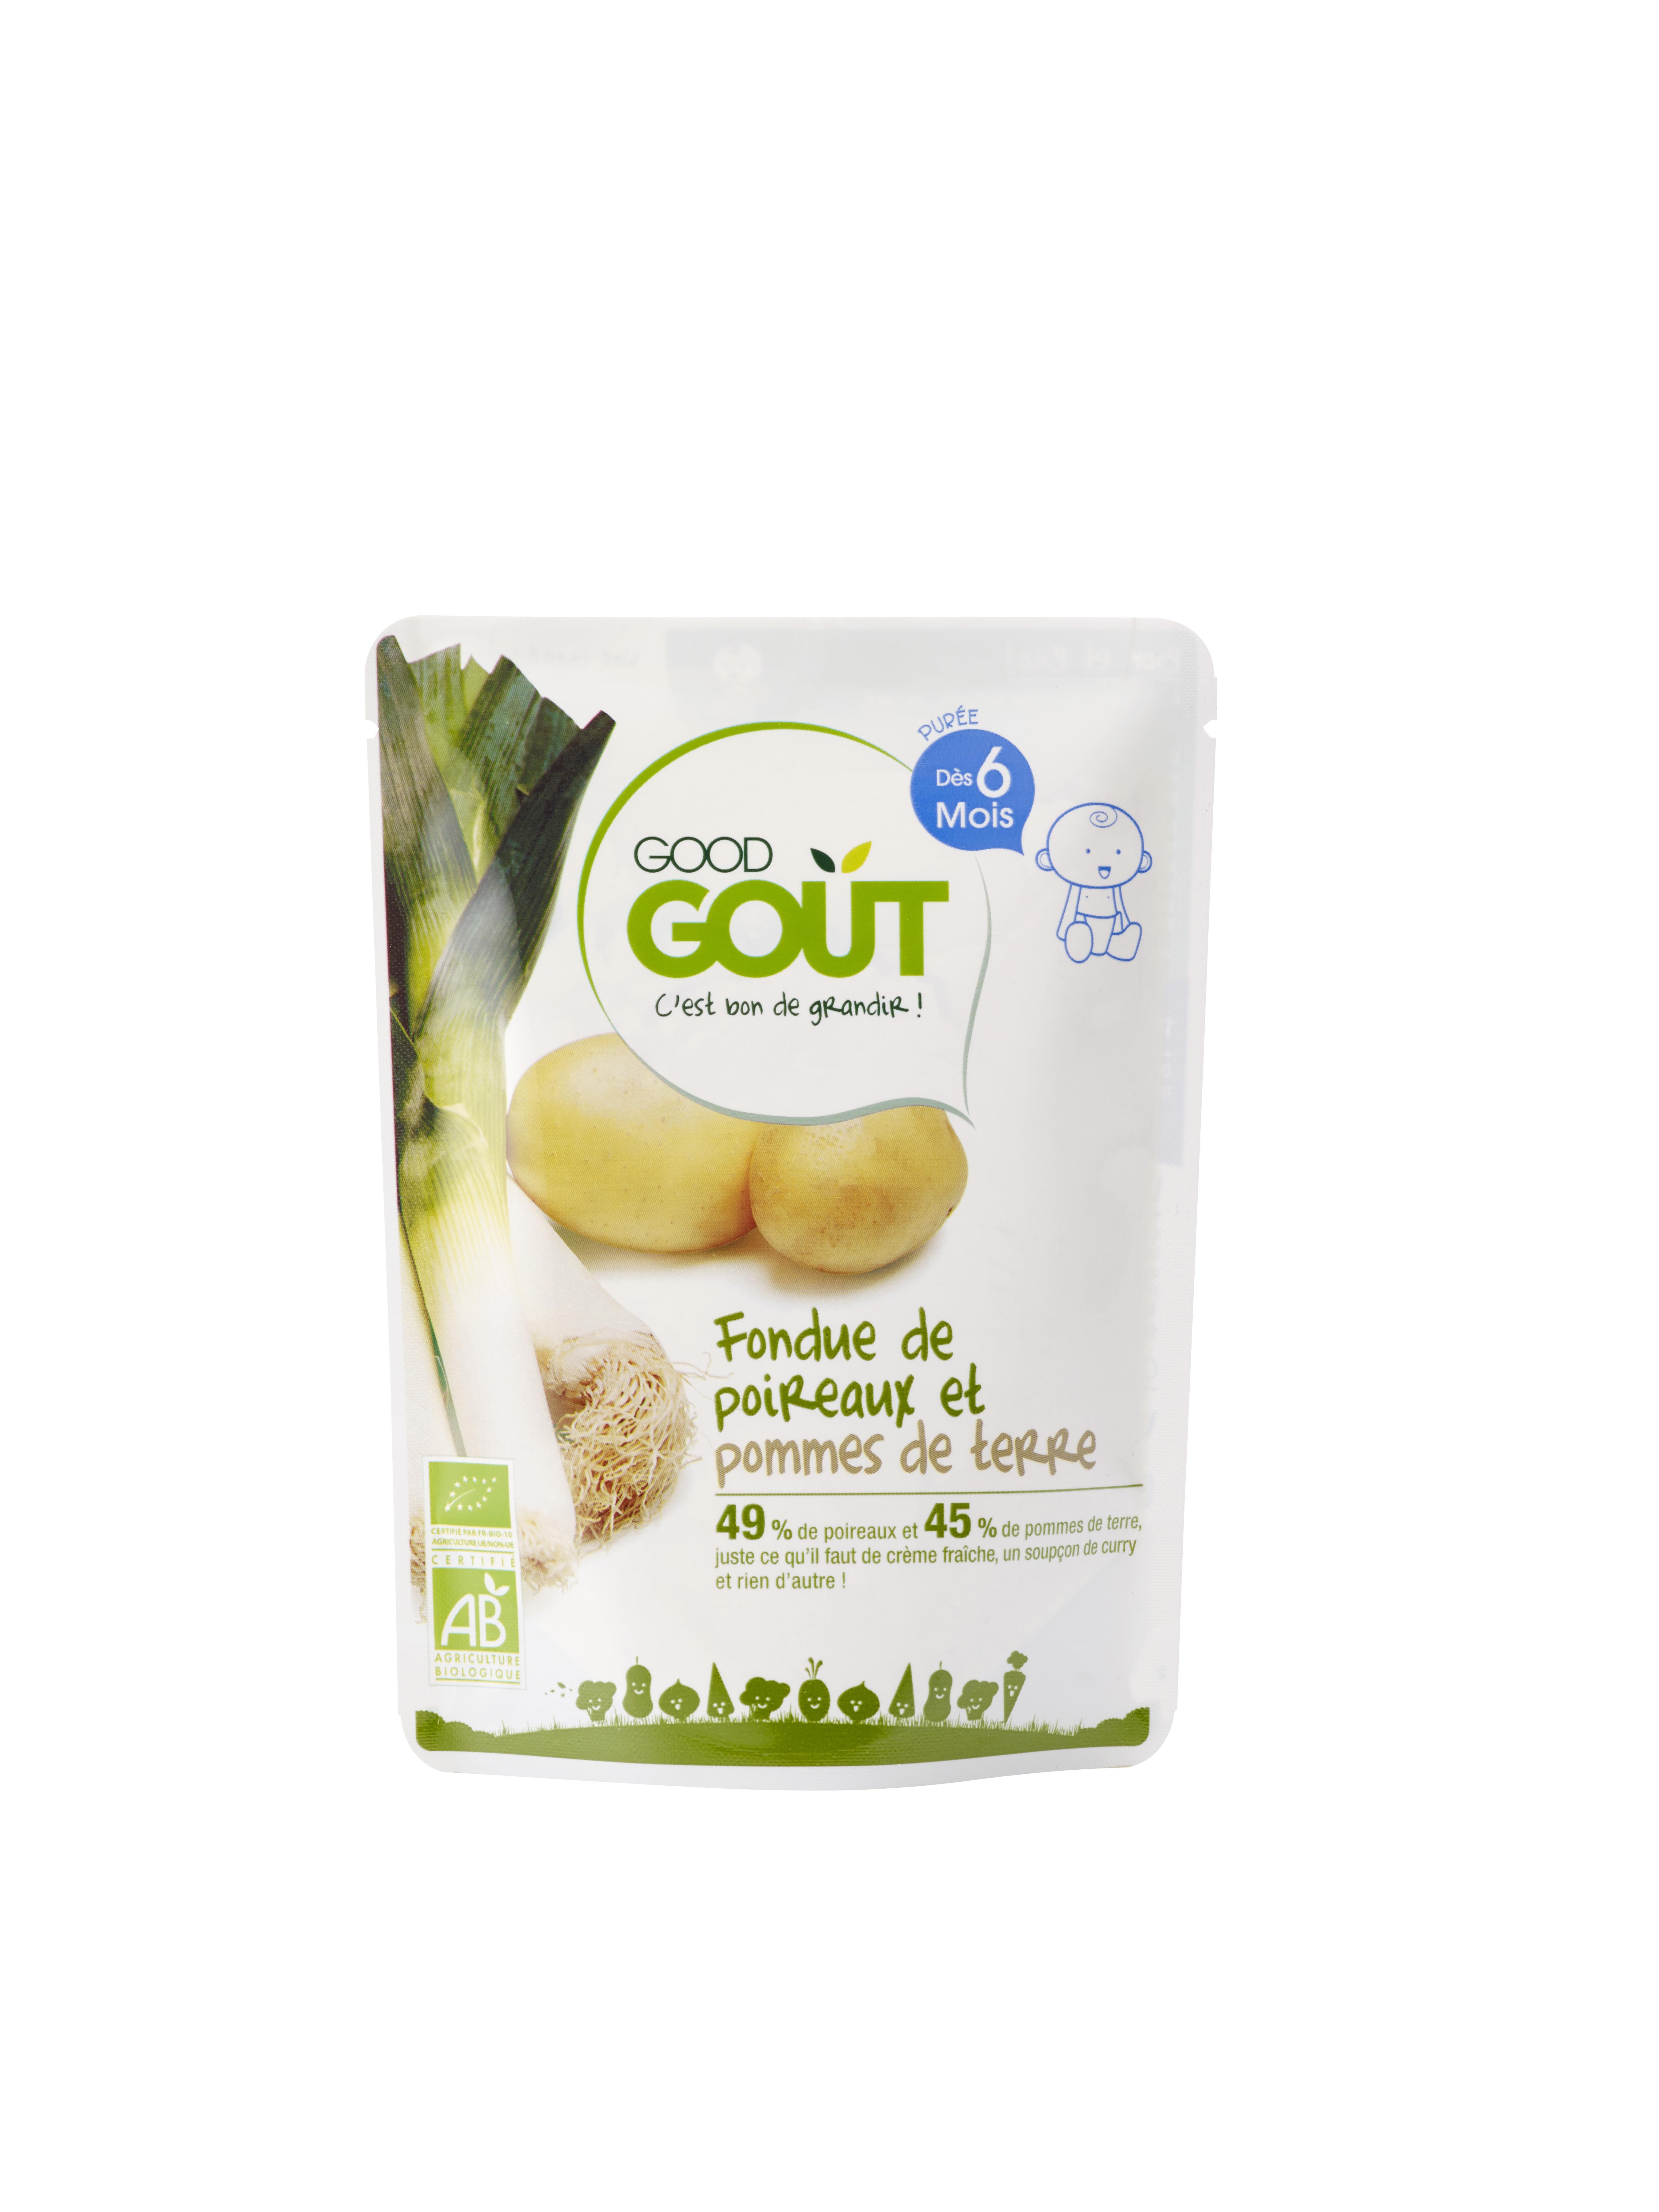 Fondue de poireaux et pommes de terre BIO, Good Goût (190 g) - dès 6 mois